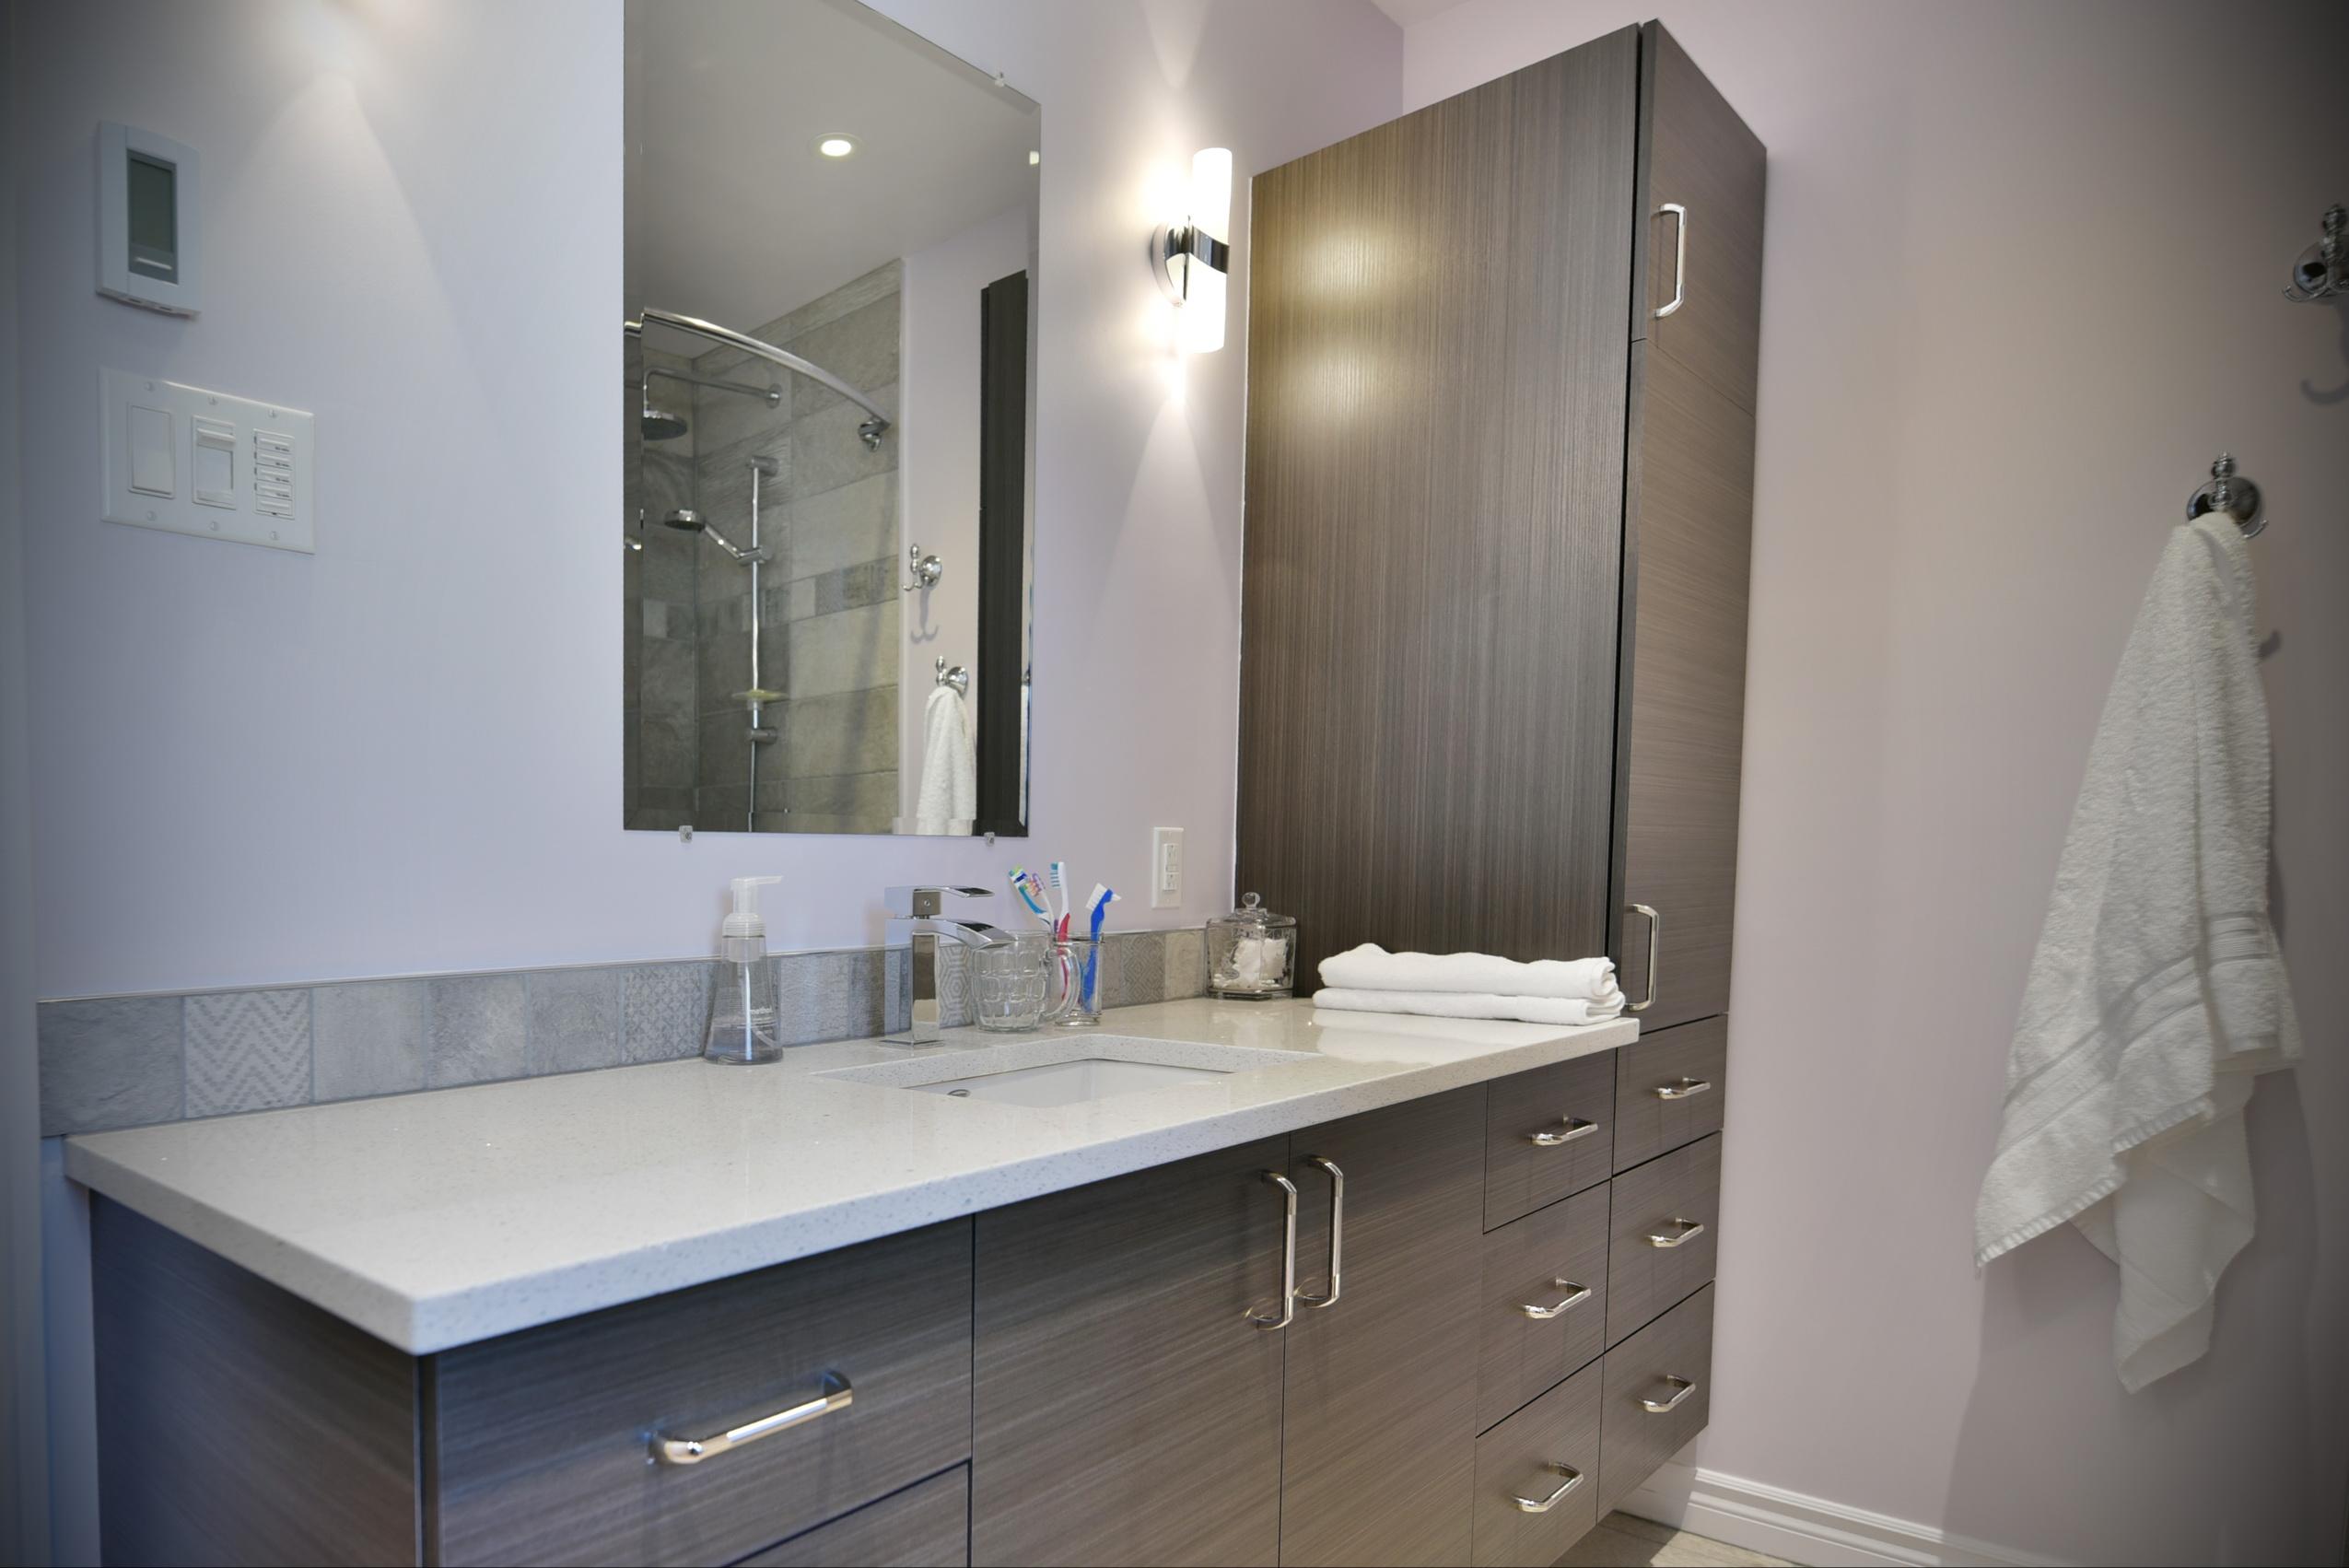 R novation d 39 une salle de bain laval 37 salle de bain for Renovation salle de bain laval